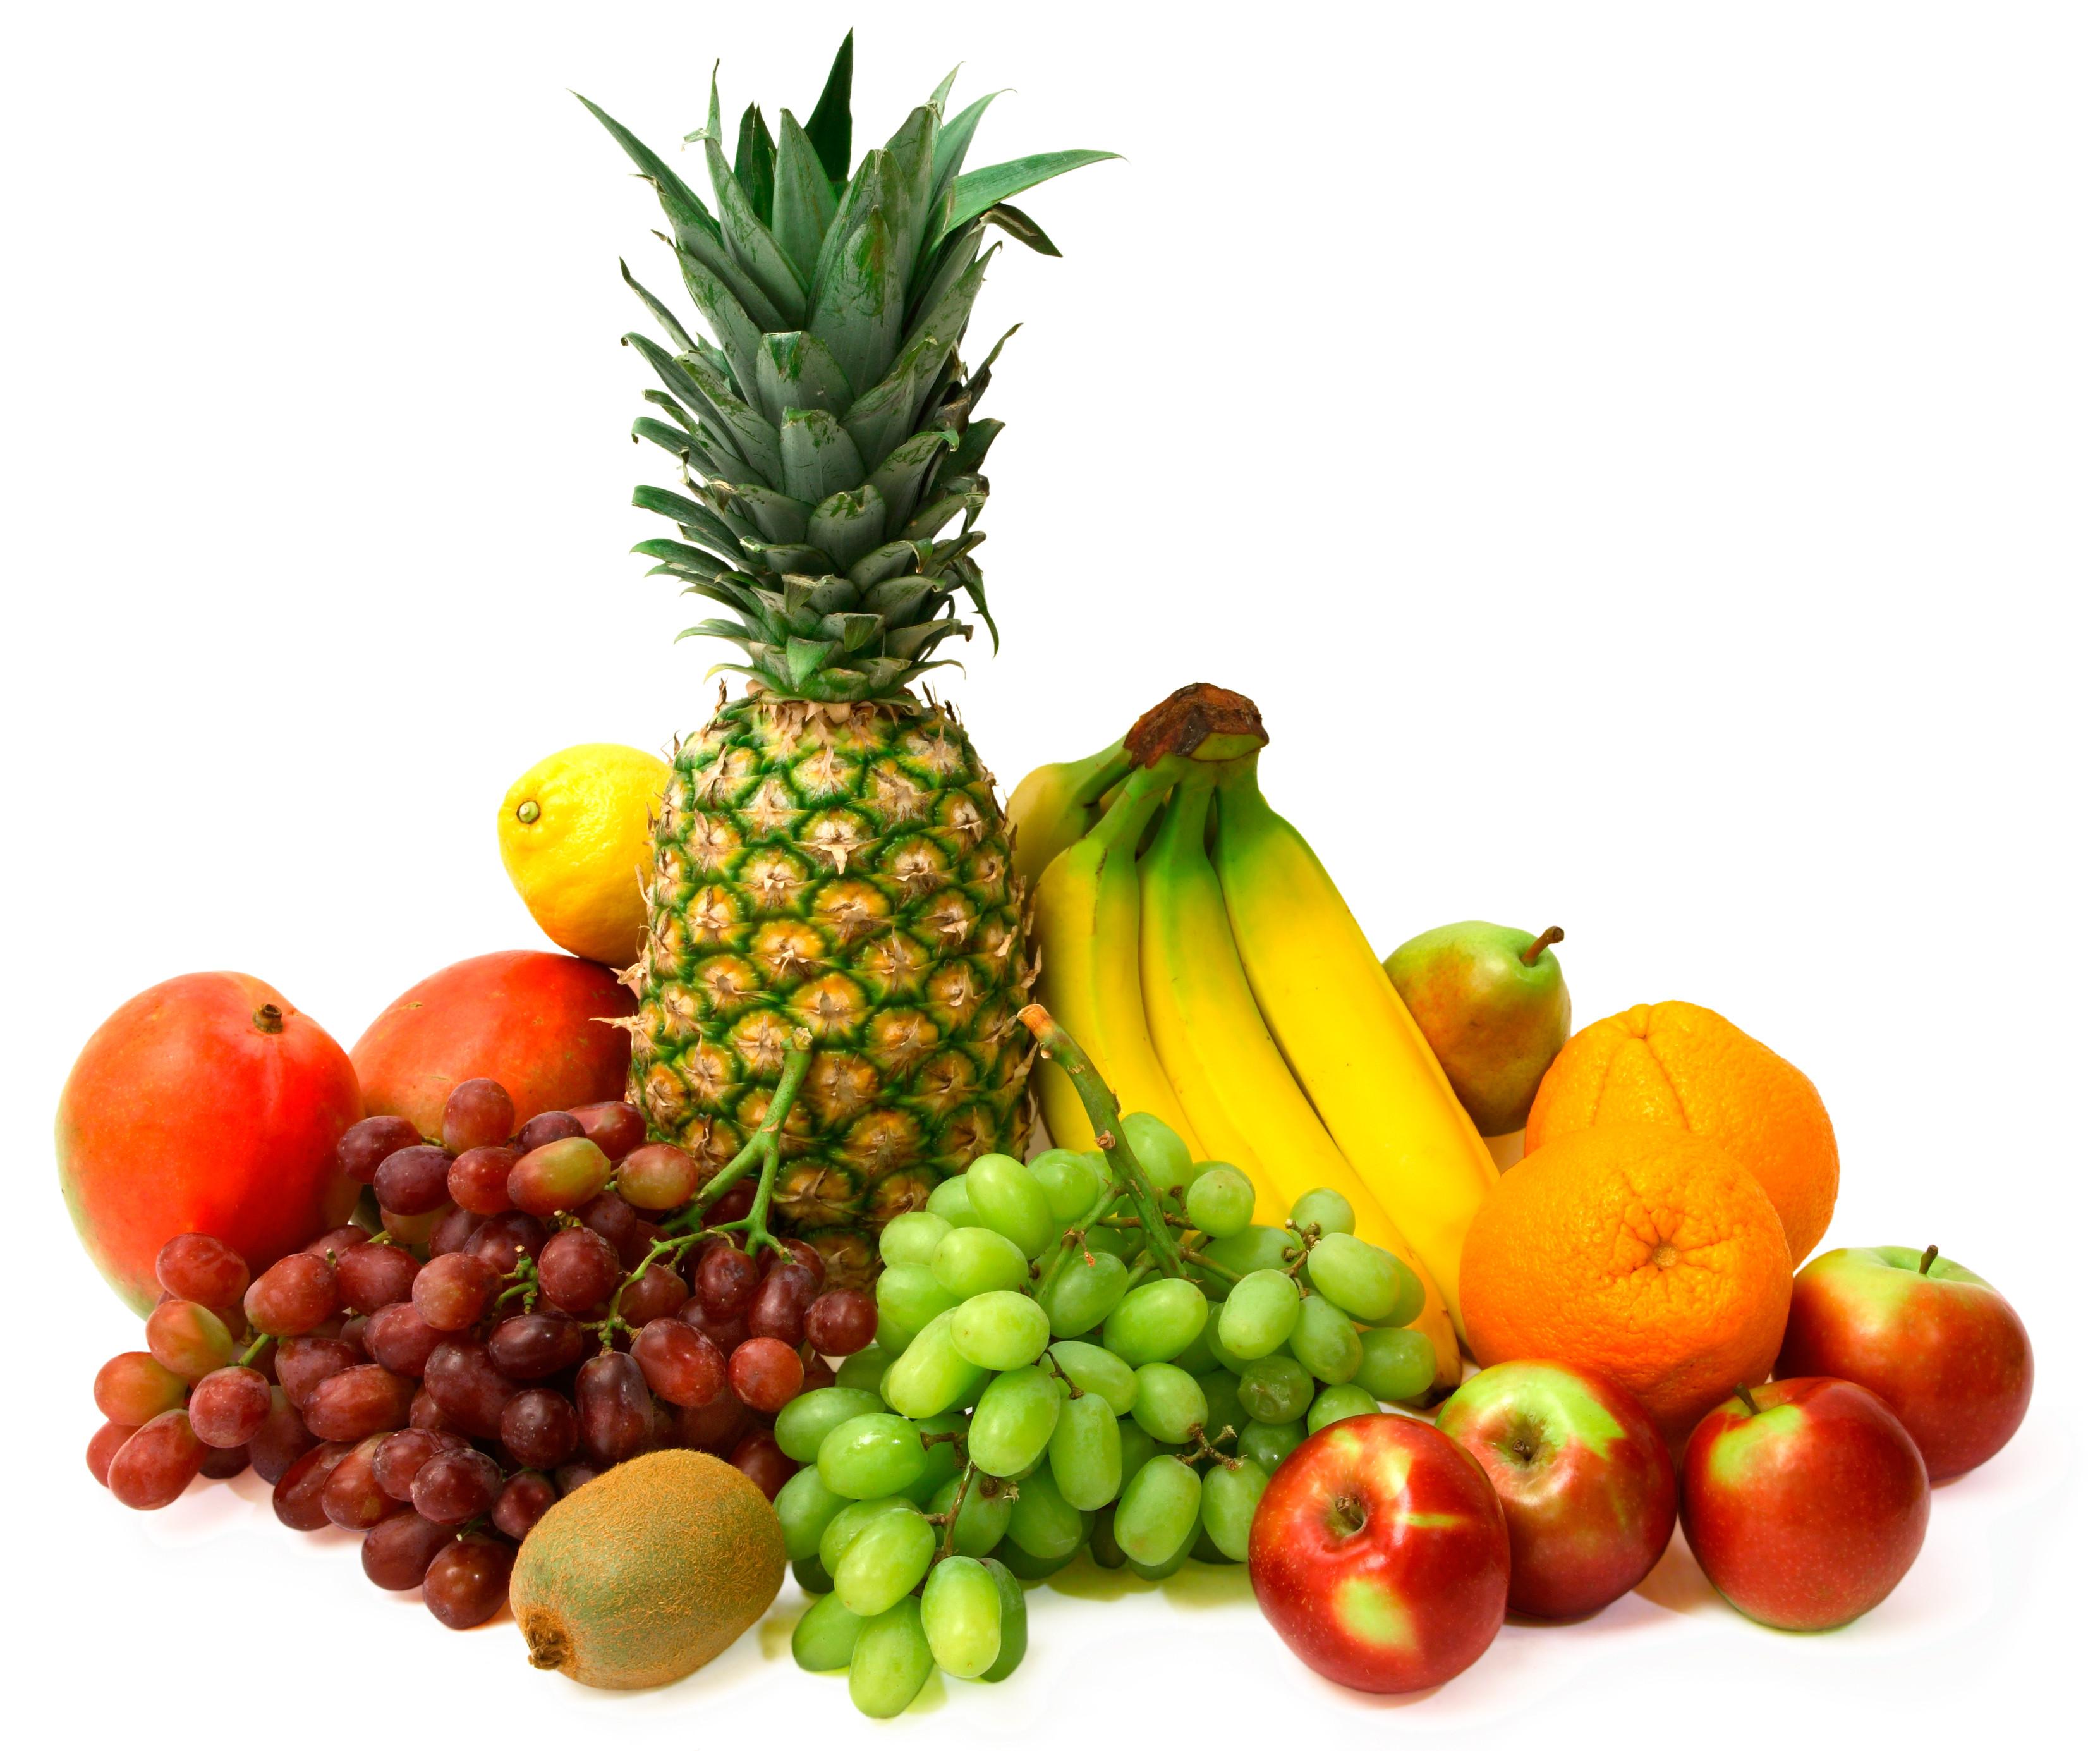 File Manager -> tutti-frutti.jpg